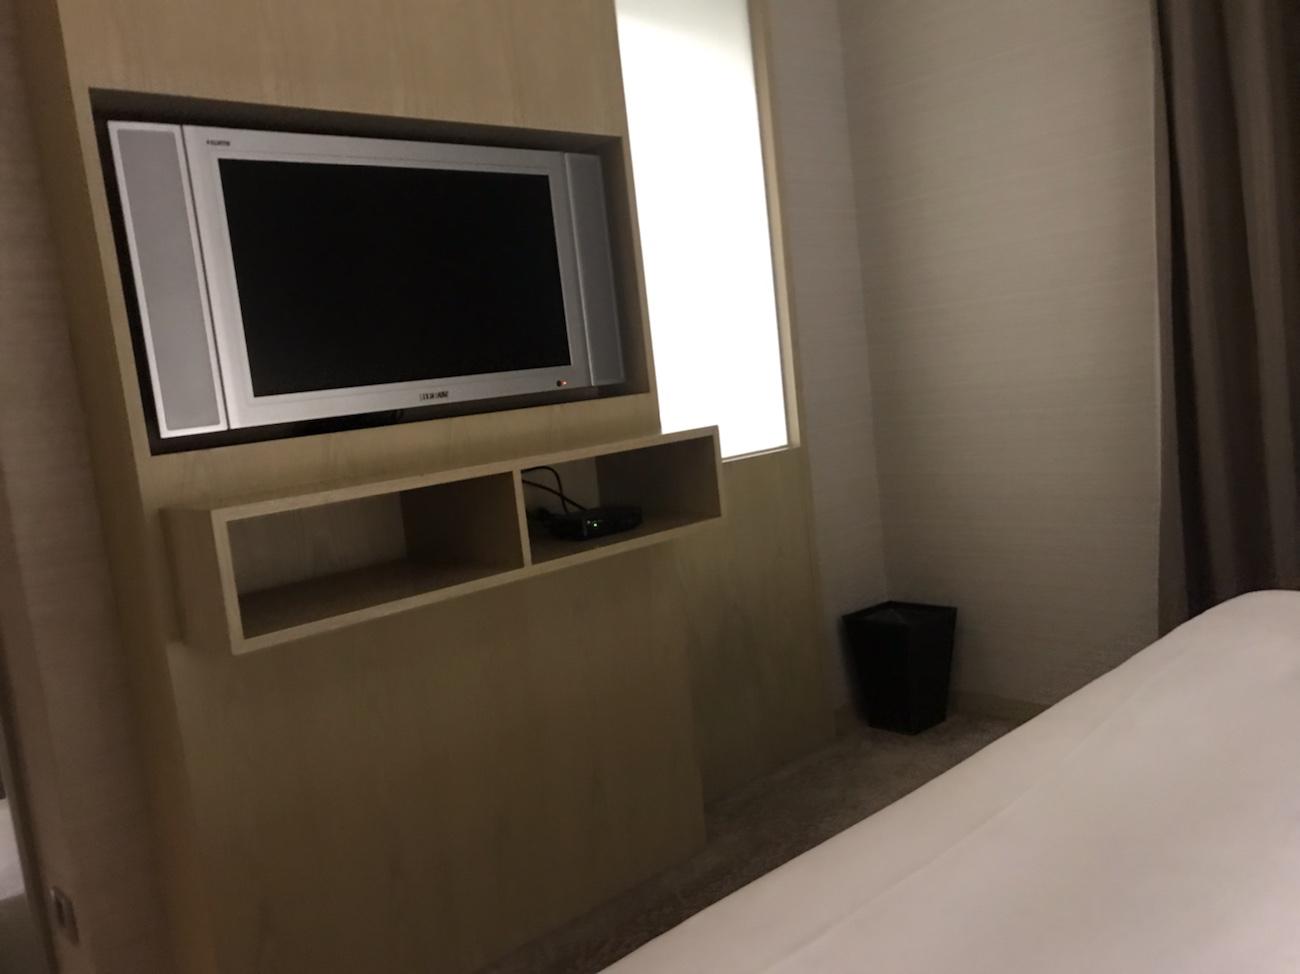 台北官邸飯店 ホテルグランデタイペイホテル 士林夜市 士林市場の観光におすすめ